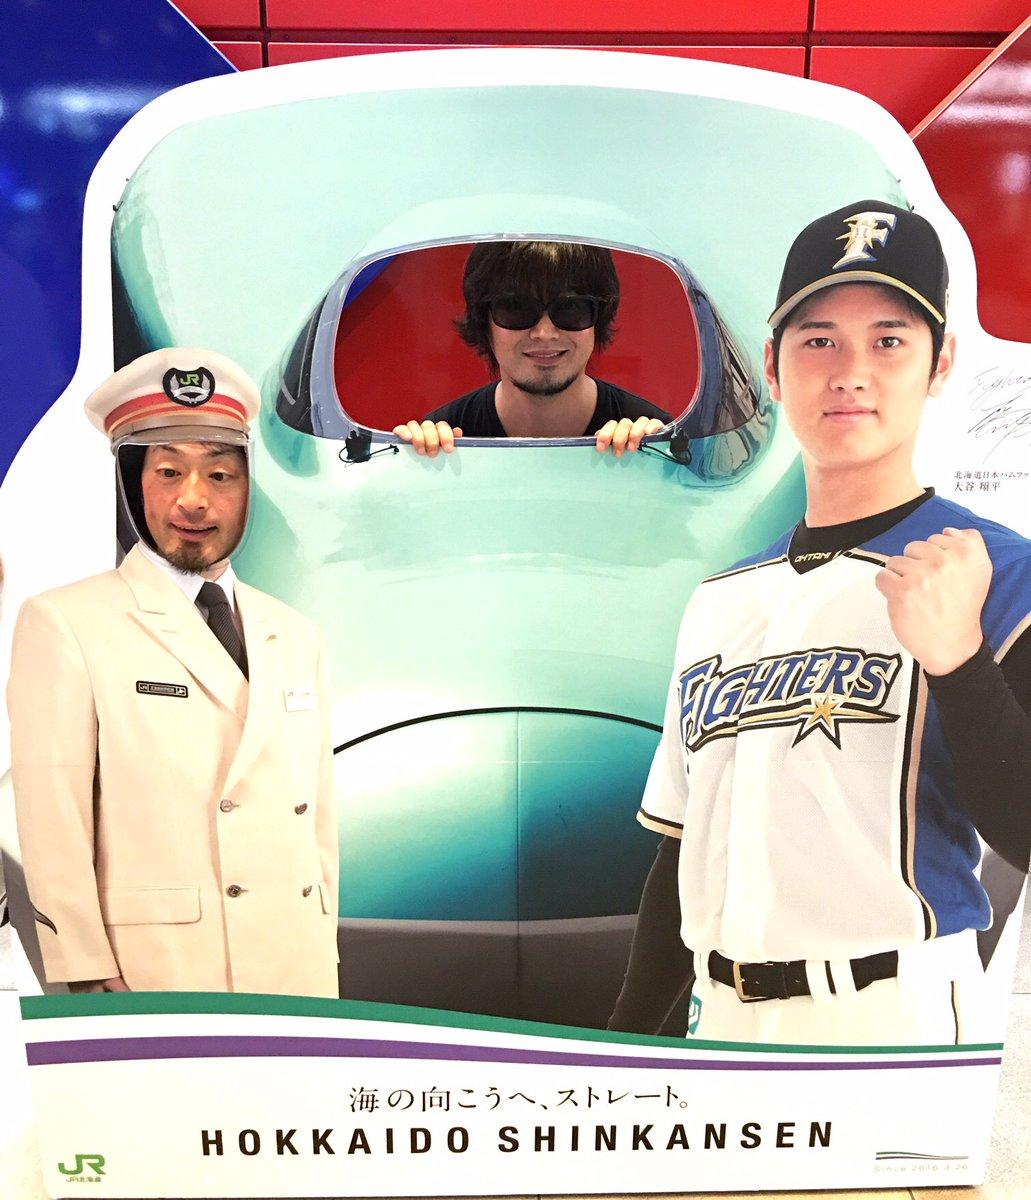 今からさわおさんと2人で東京へ戻り。私、車掌として無事さわおさんを送り届けます! https://t.co/q6J8DMZUNq